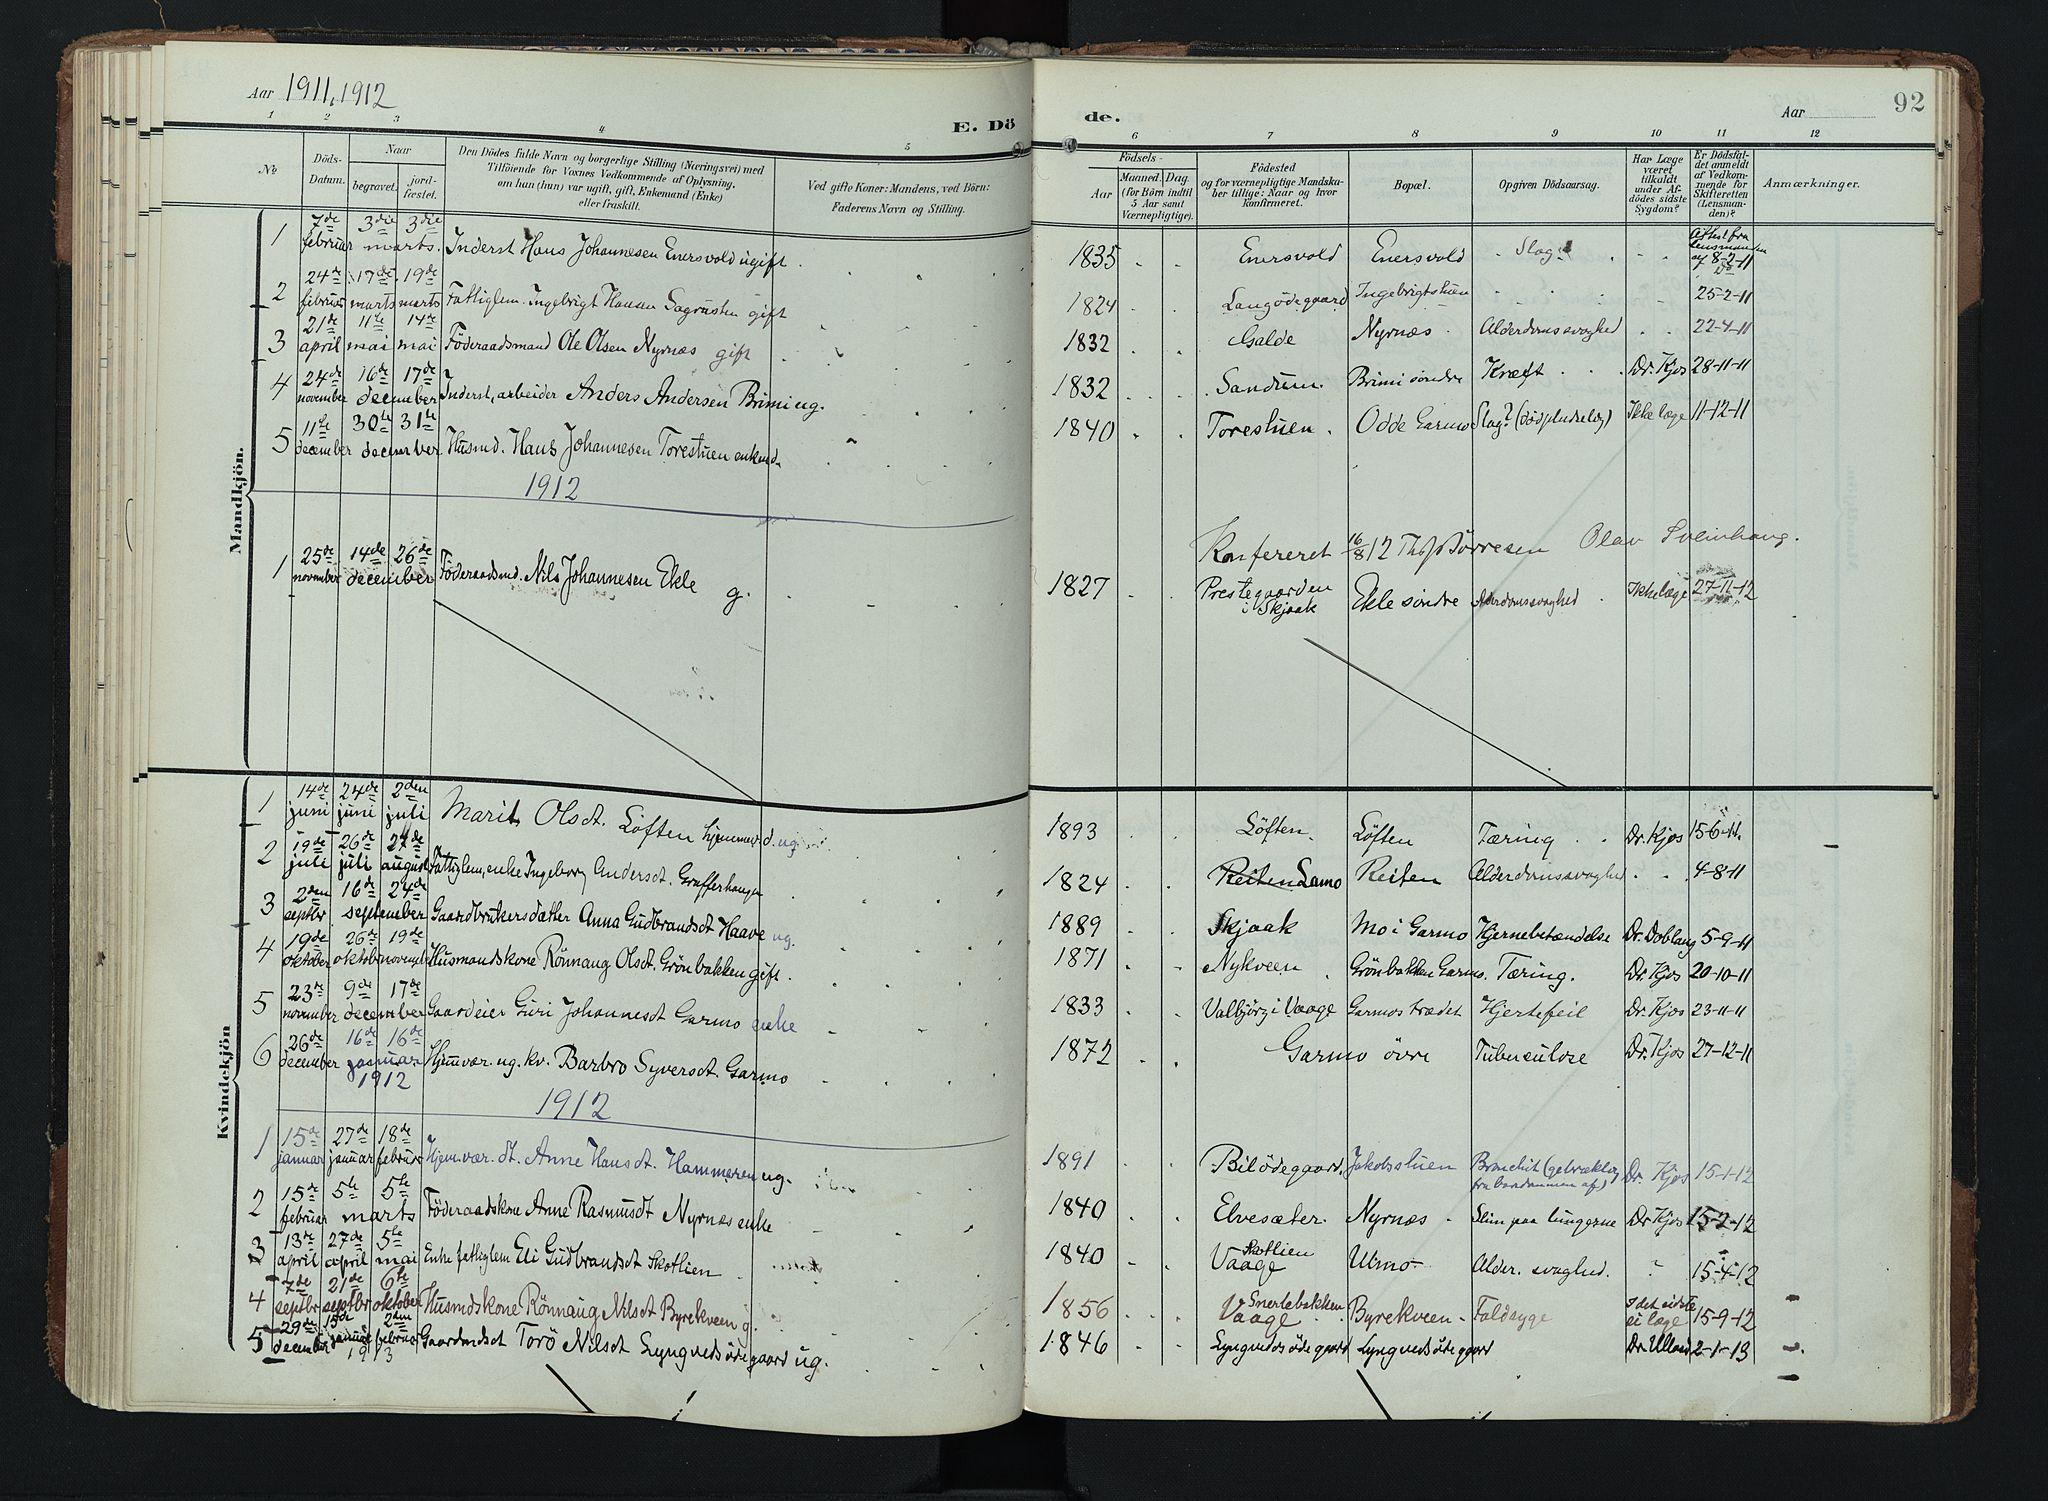 SAH, Lom prestekontor, K/L0011: Ministerialbok nr. 11, 1904-1928, s. 92